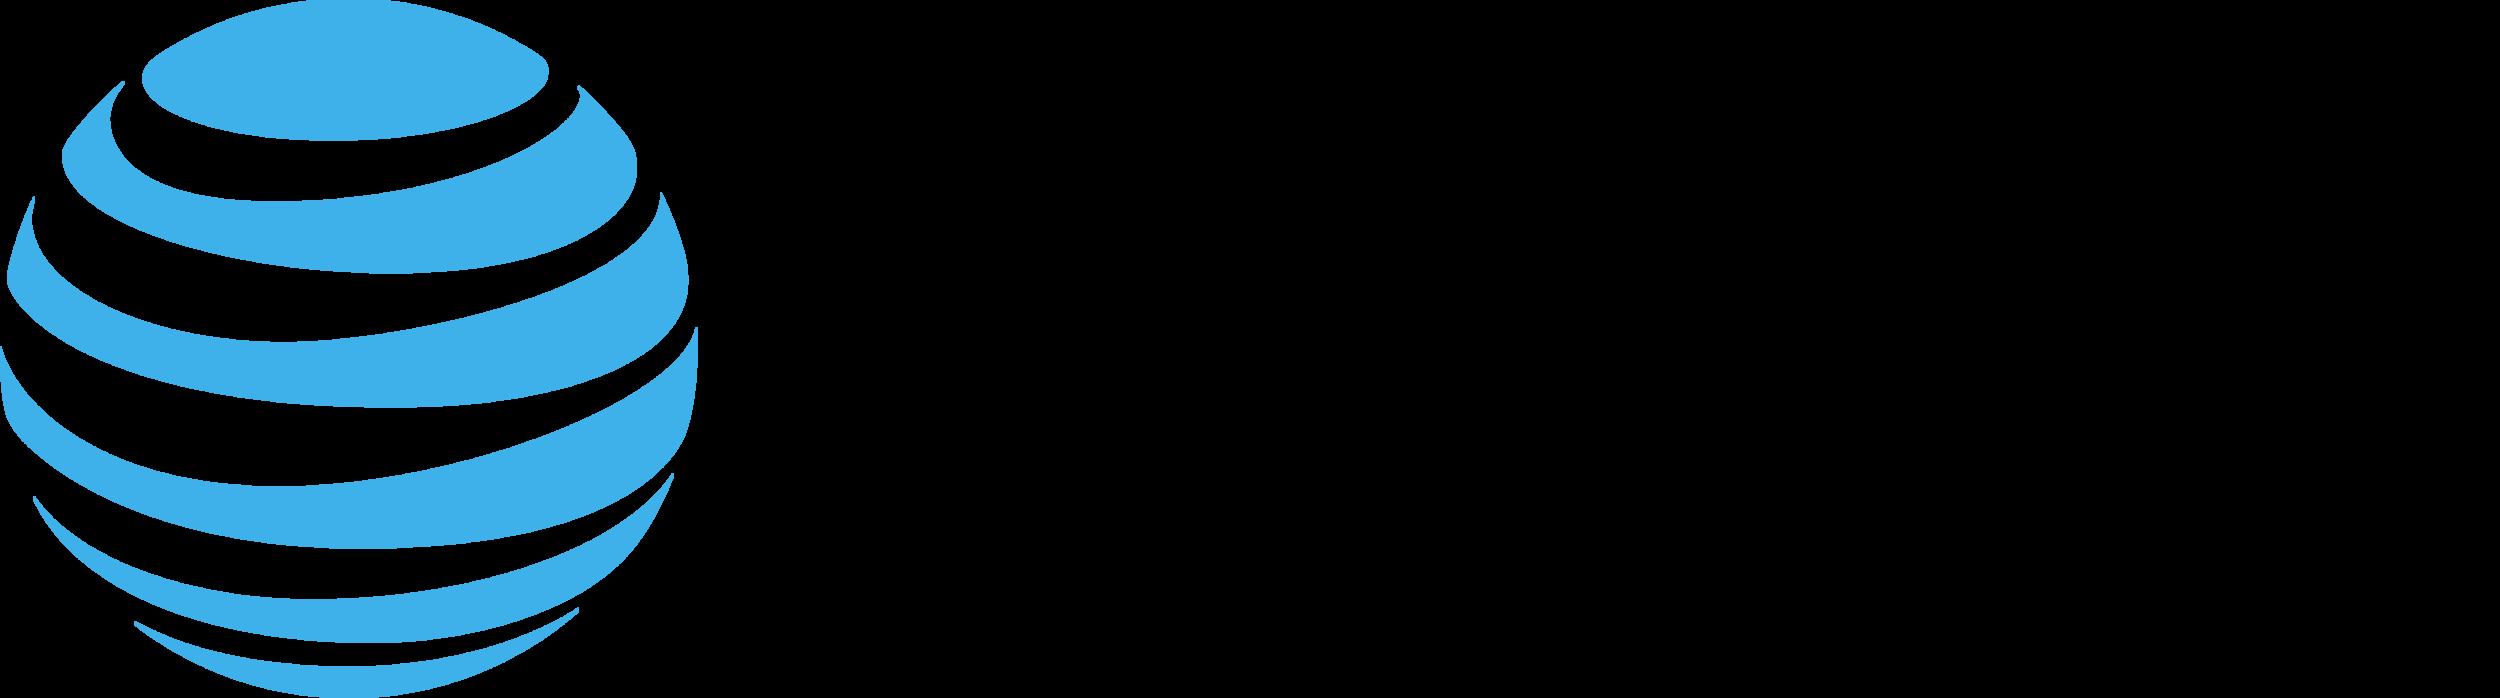 ATT_DTV_ForBusiness_logo_4C.png